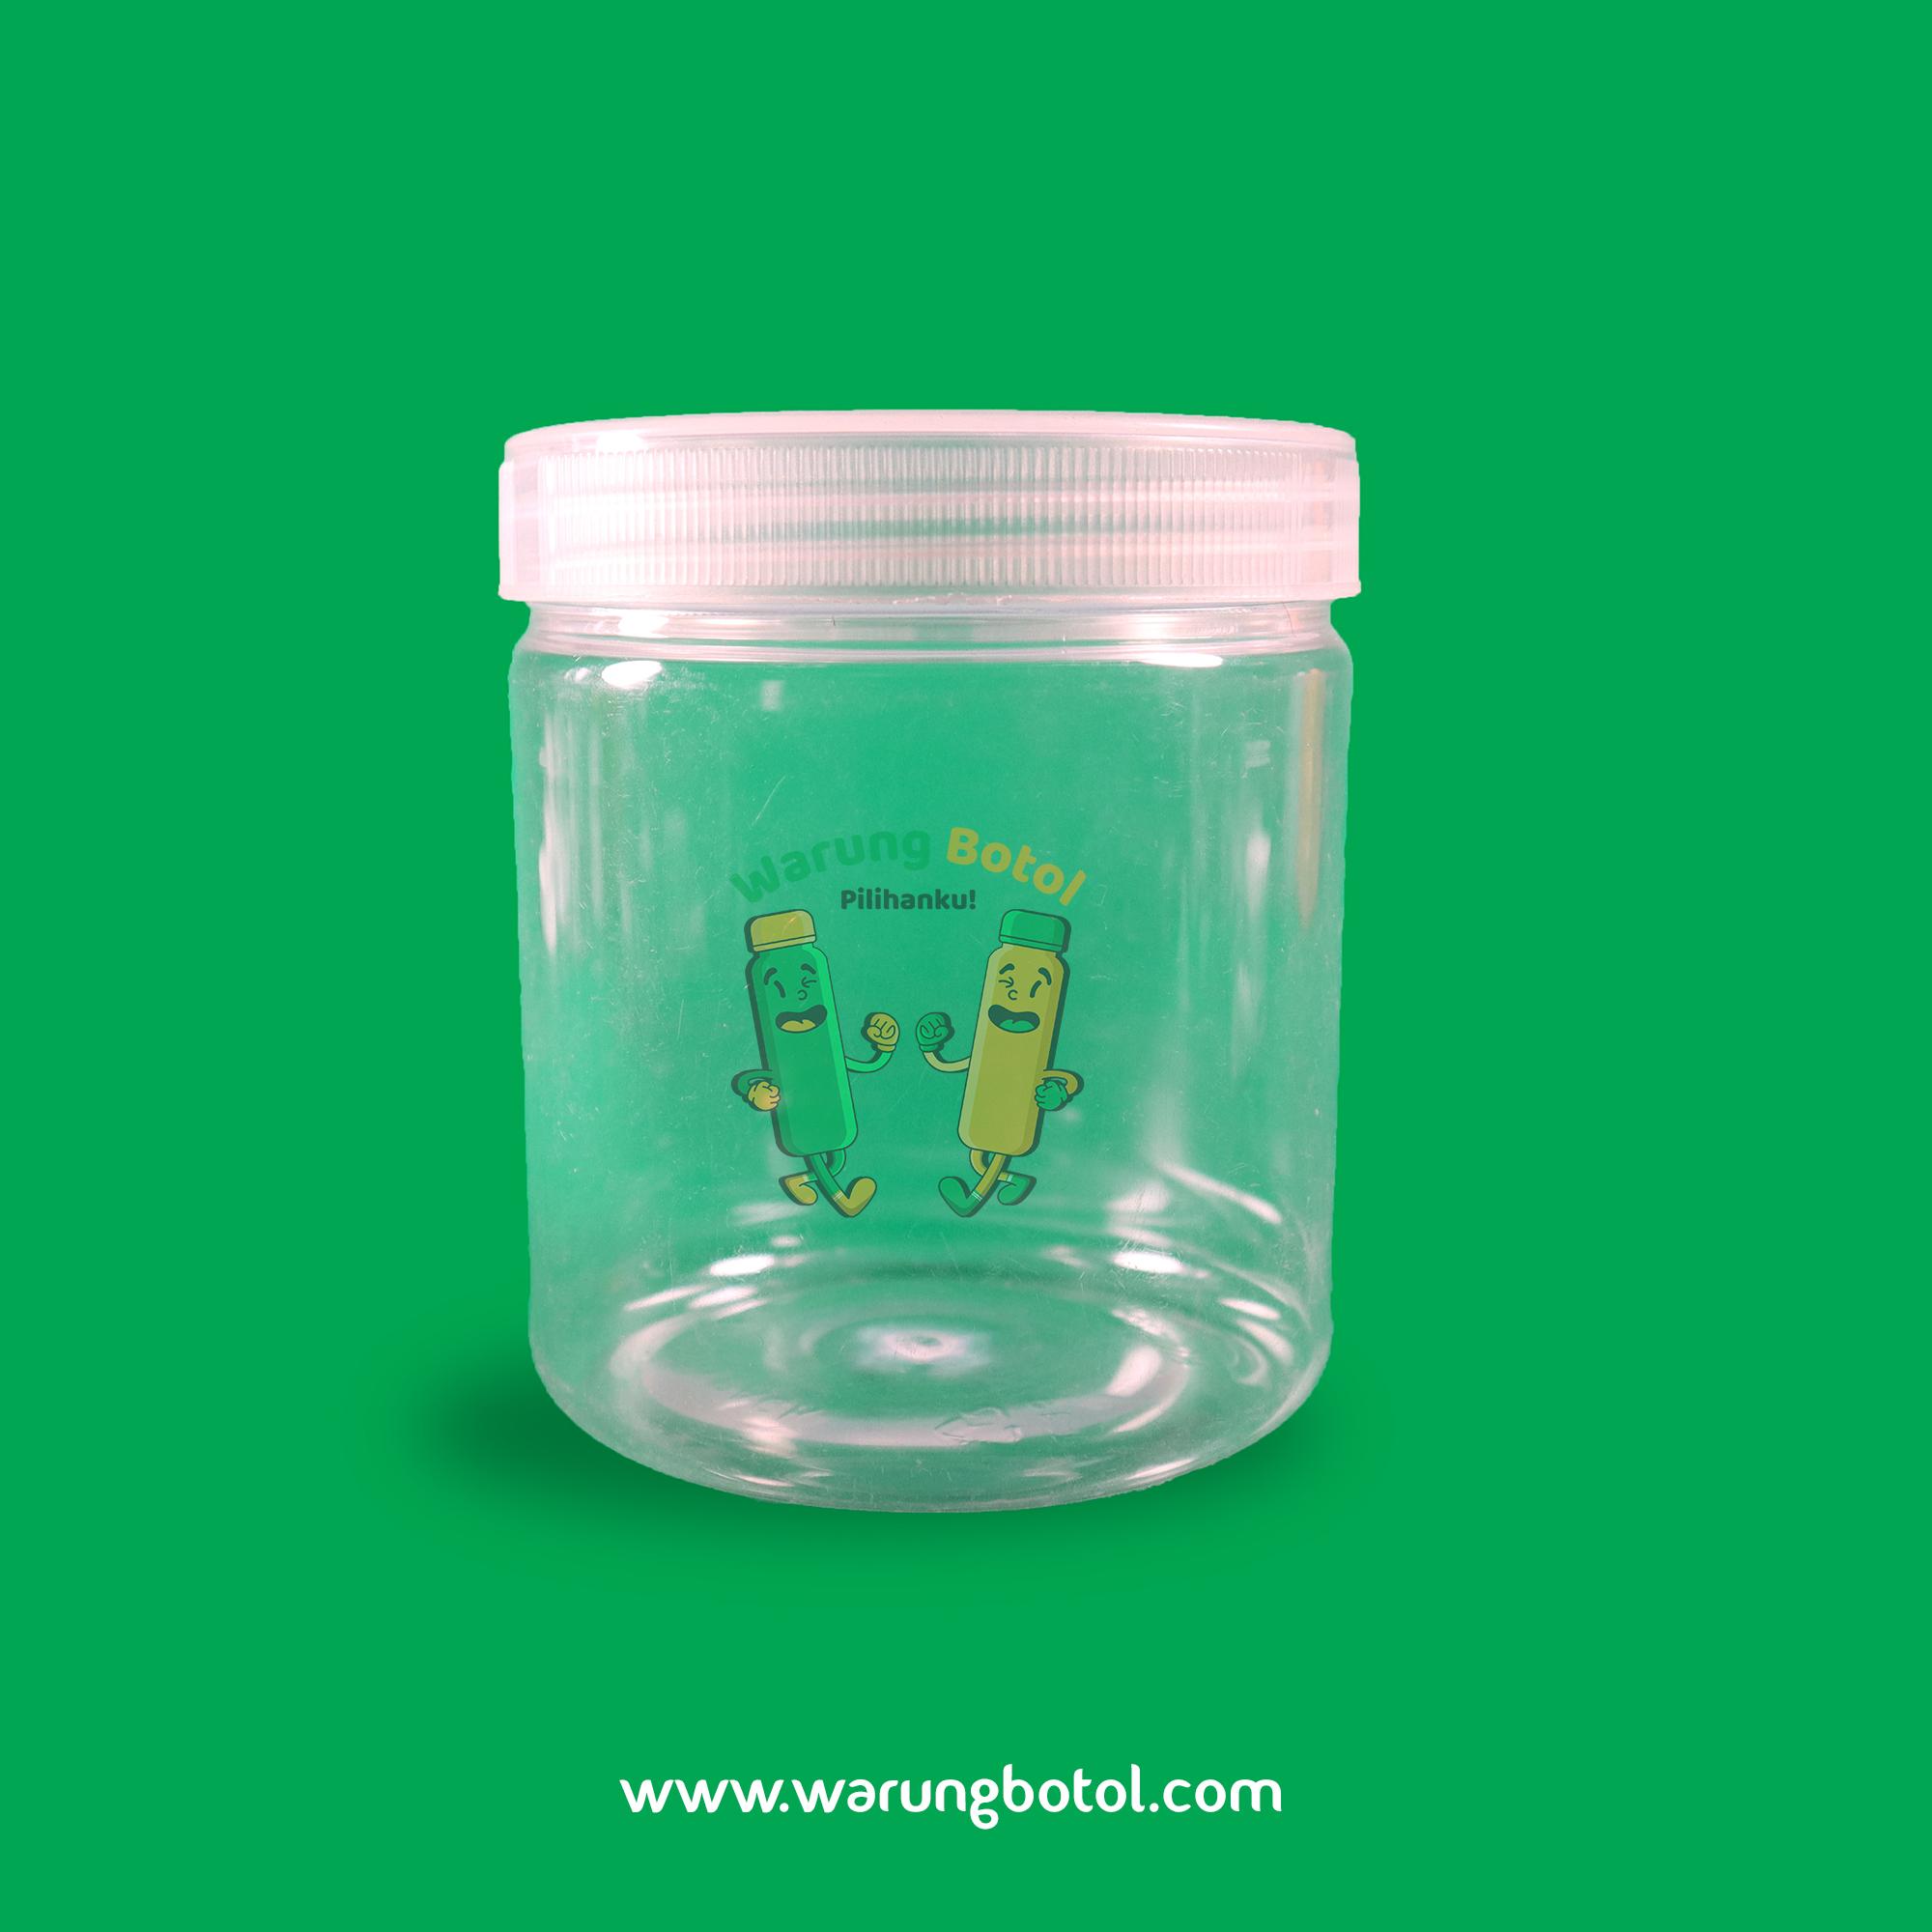 distributor jual toples plastik murah silinder 500ml untuk astor kue kering lebaran coktlat, nastar terdekat di bandung jakarta bekasi bogor